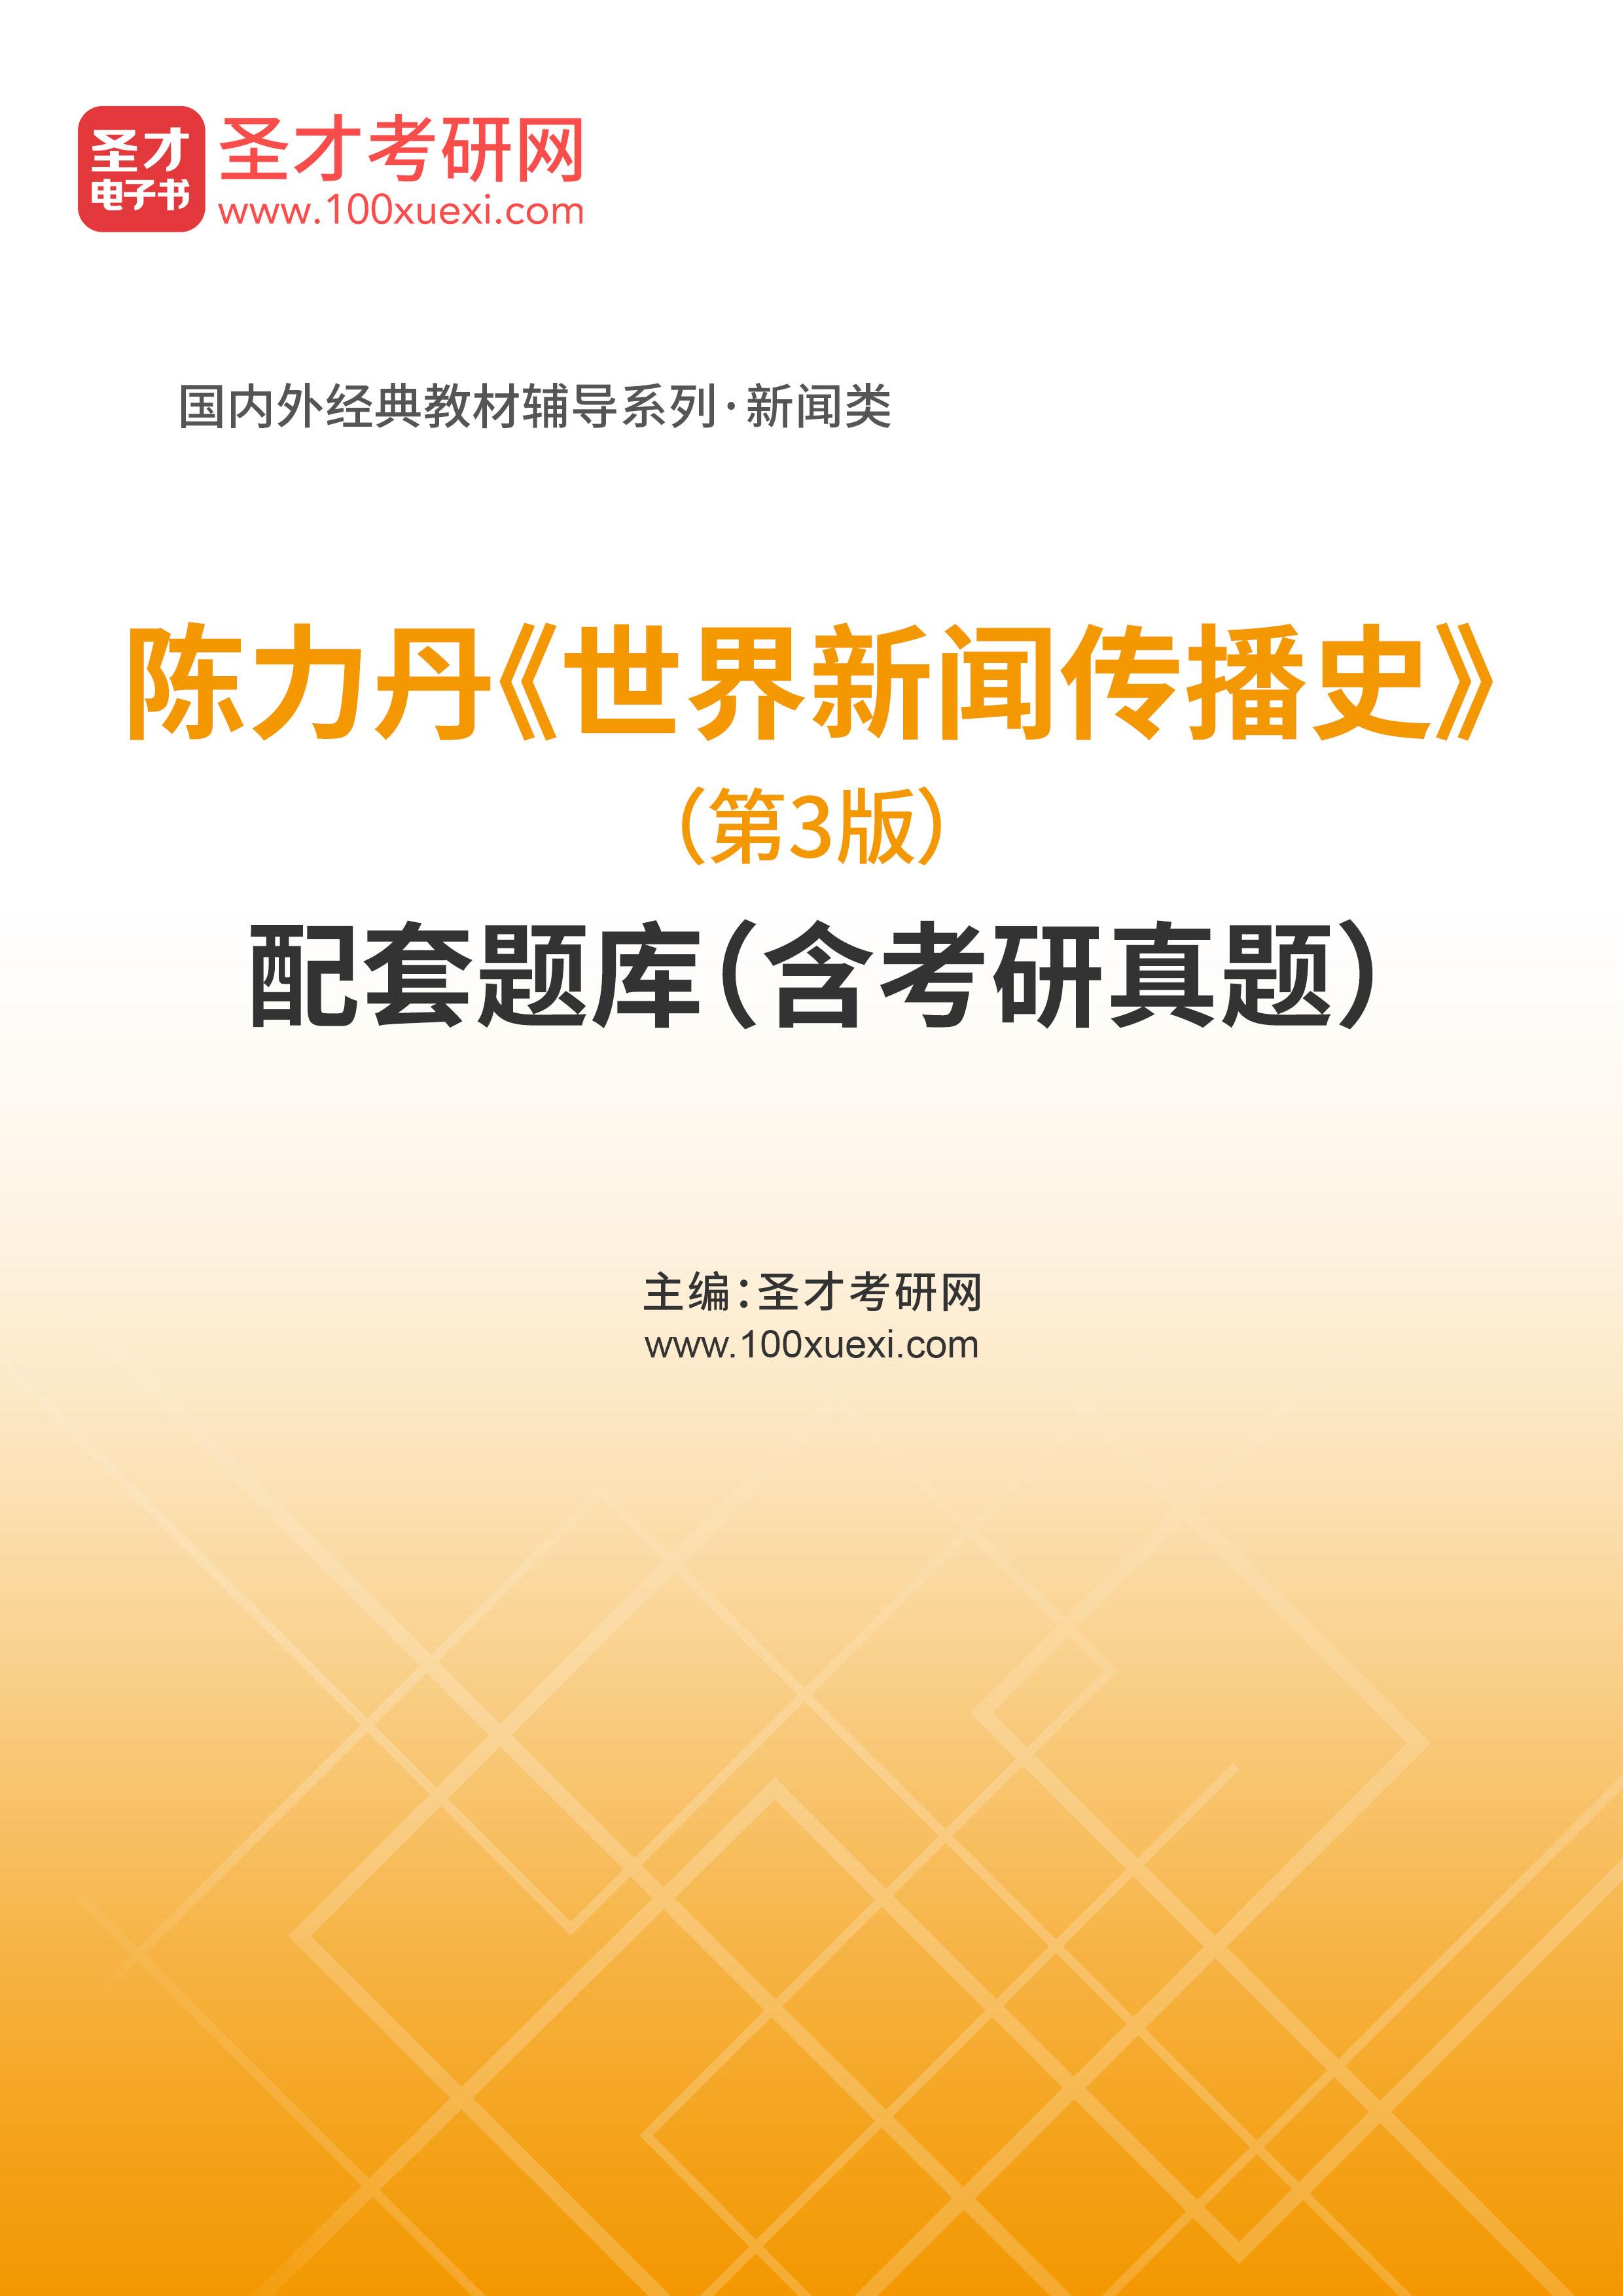 陈力丹《世界新闻传播史》(第3版)配套题库(含考研真题)